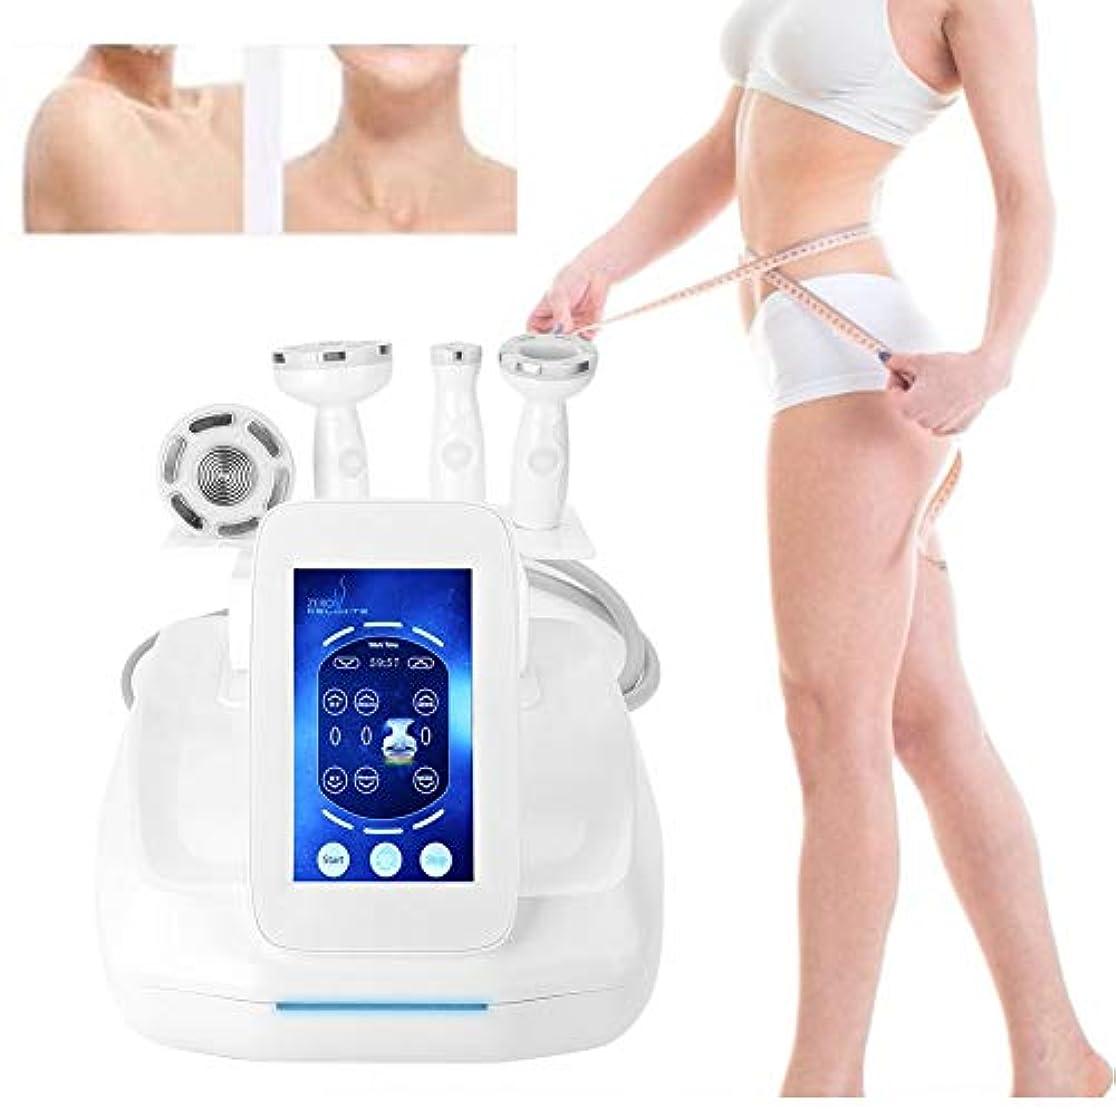 発疹子供っぽい脂肪除去機、多極RF熱可塑性真空ブラストボディシェーピング器具皮膚リフティングマッサージャー(US)